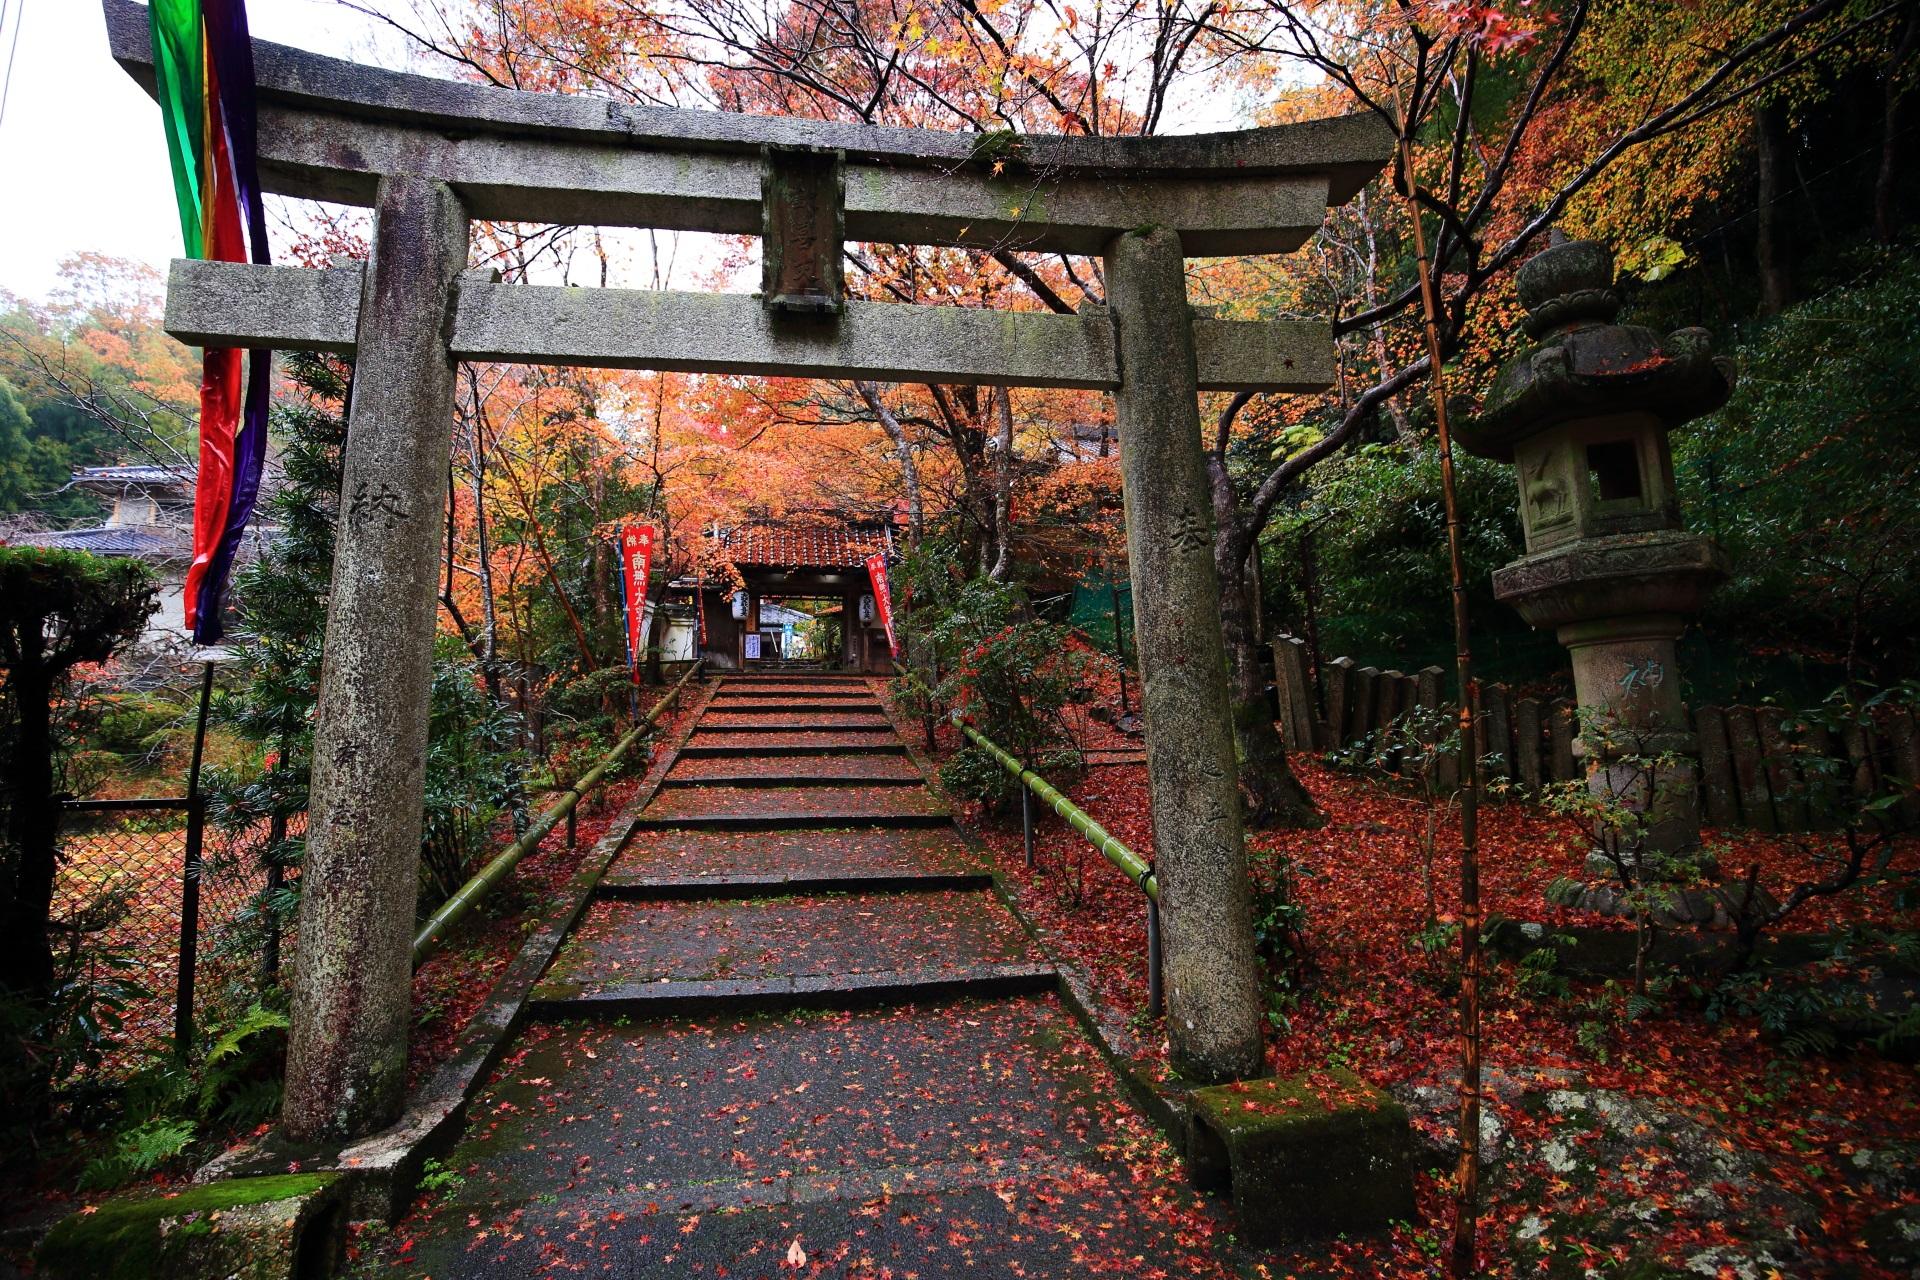 山科聖天双林院の鳥居と参道の紅葉や散りもみじ